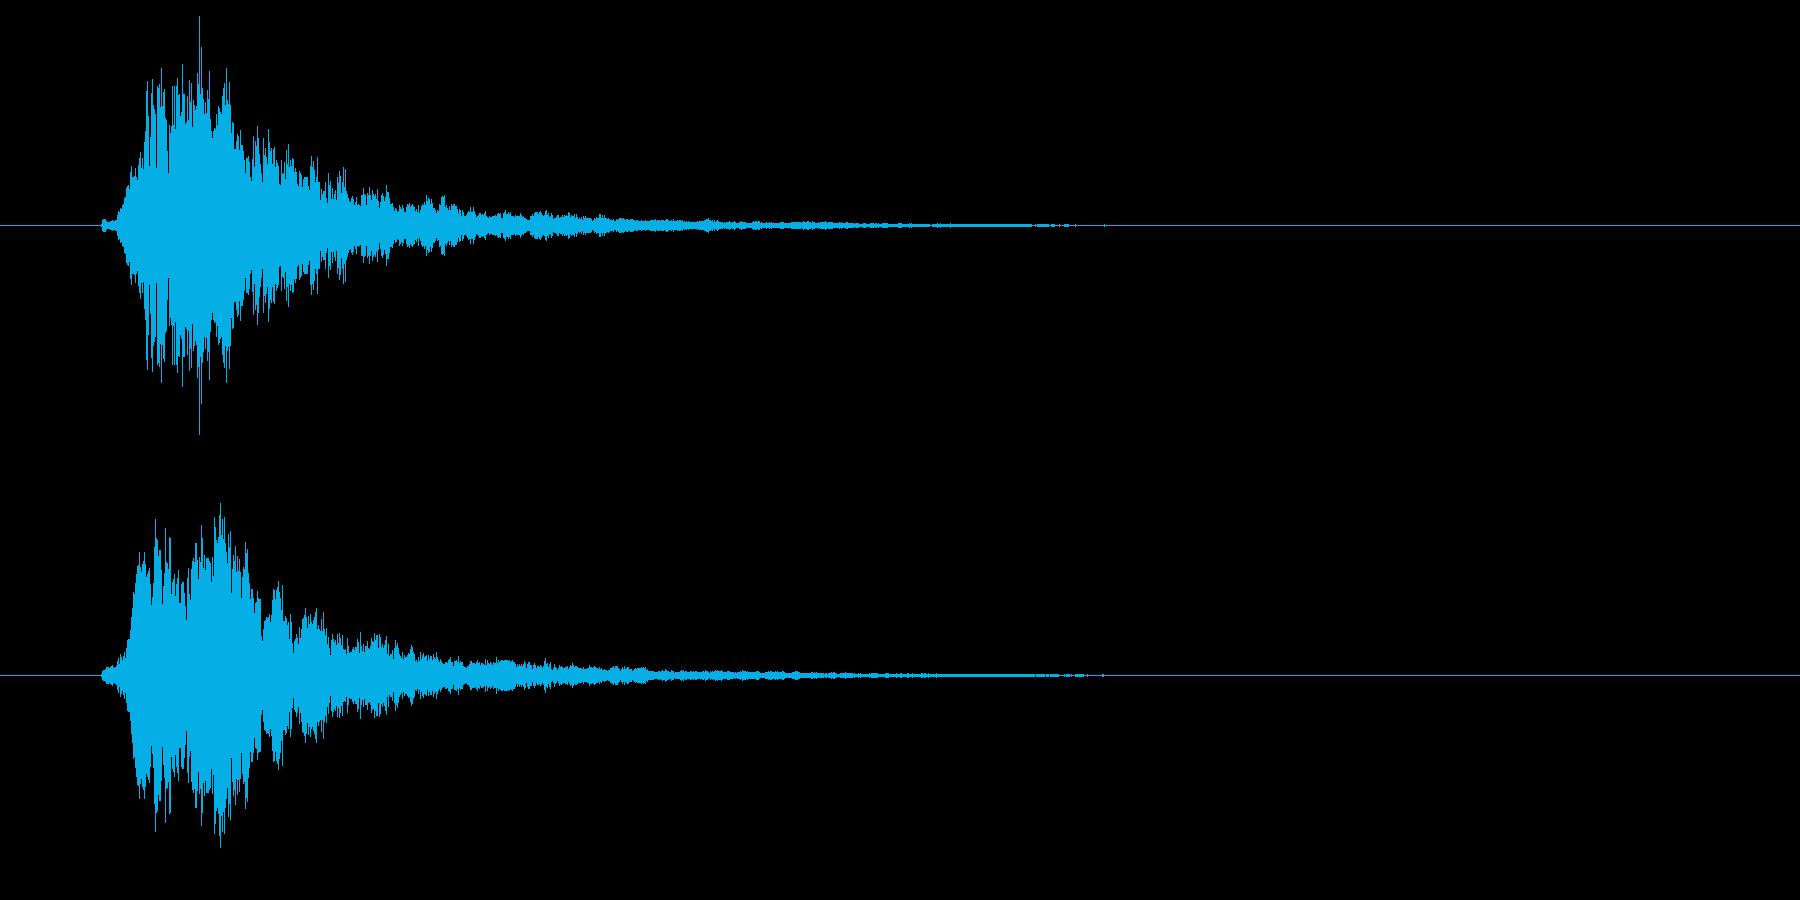 ピロリン(高音の決定音)の再生済みの波形